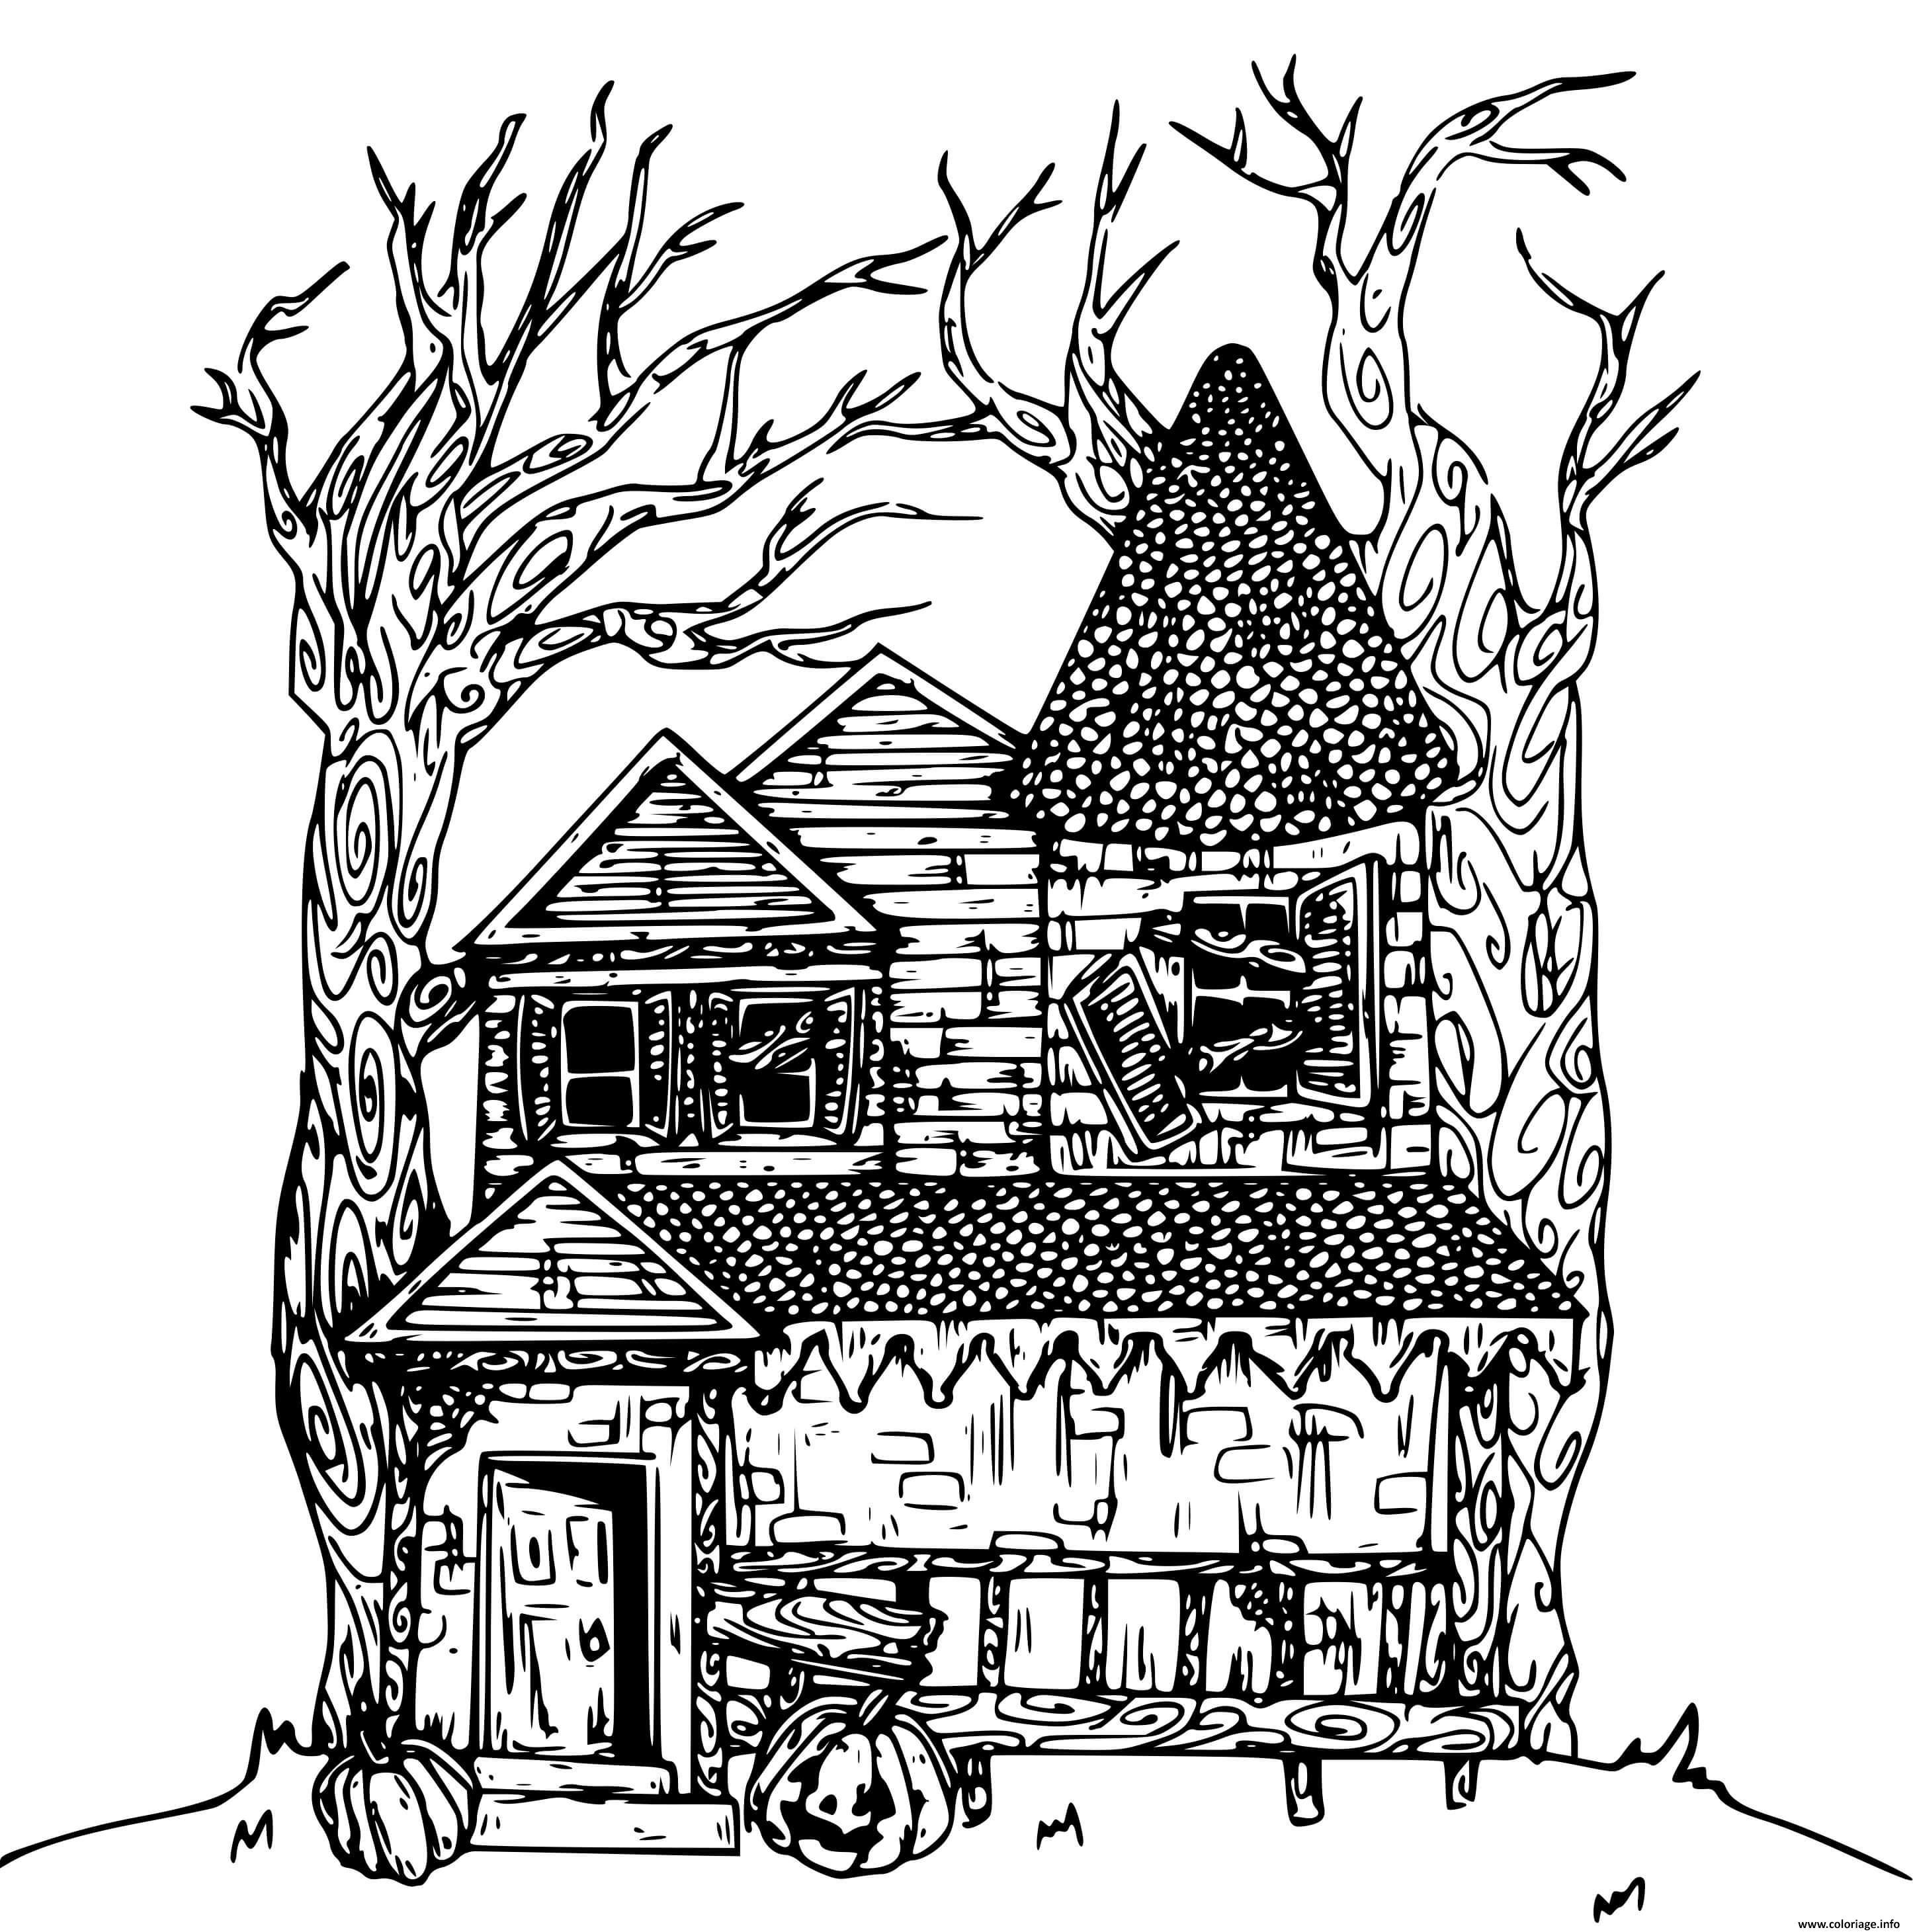 Dessin maison hantee qui heberge des esprits et fantomes Coloriage Gratuit à Imprimer